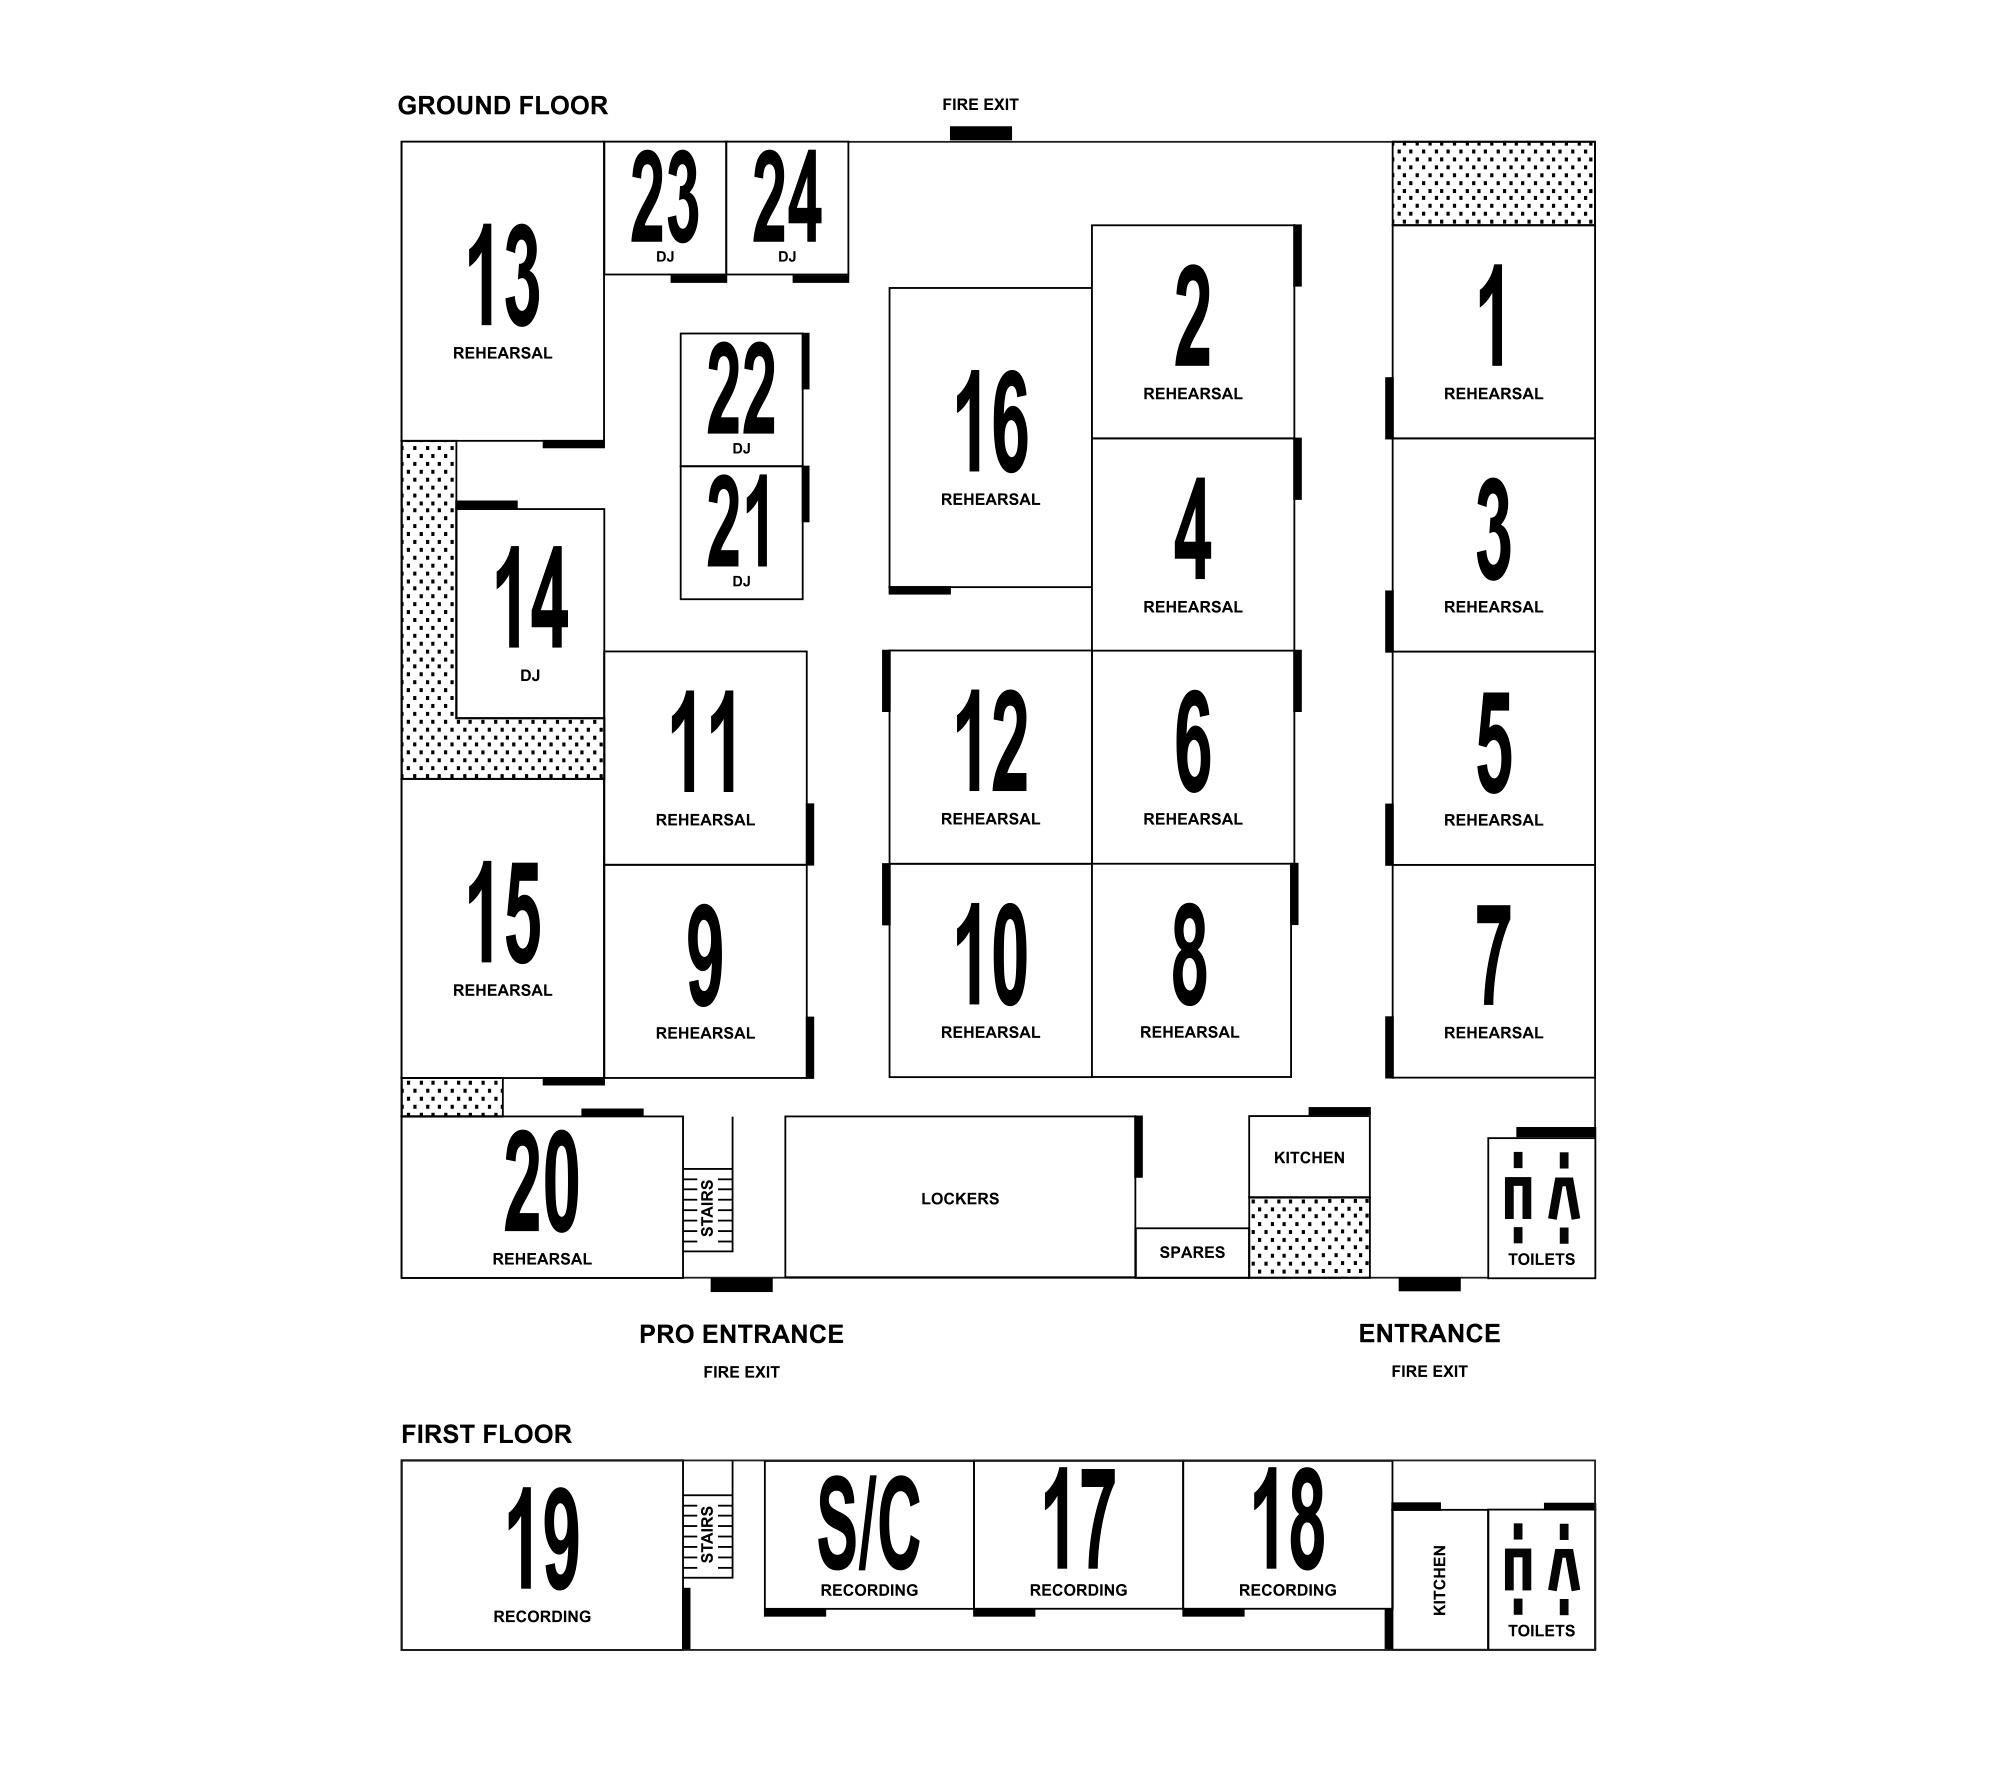 Floorplan: Ground and first floor